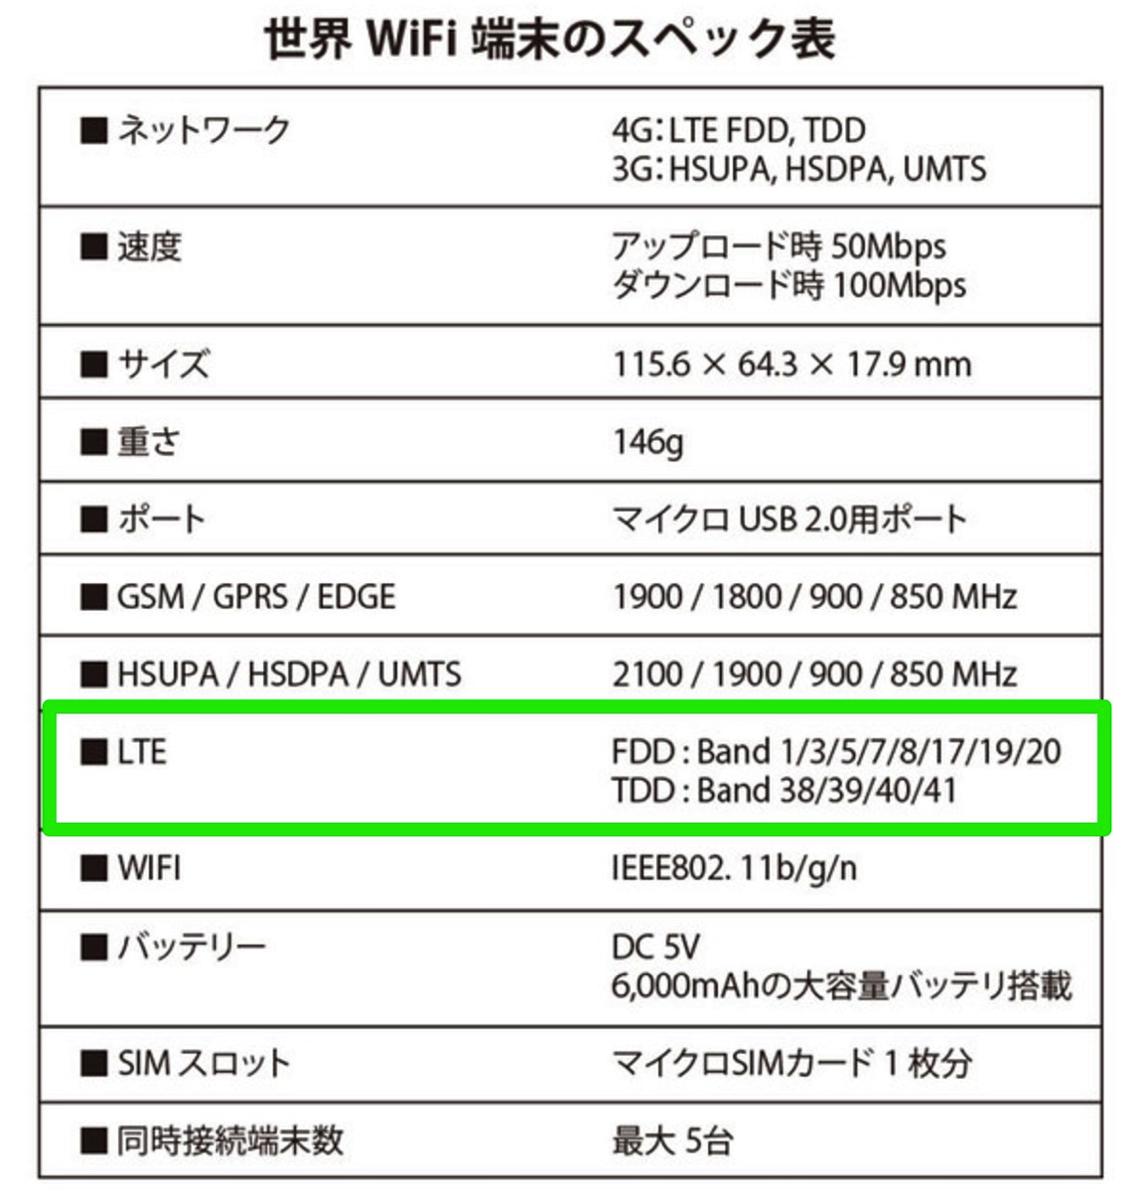 世界WiFi:端末スペック